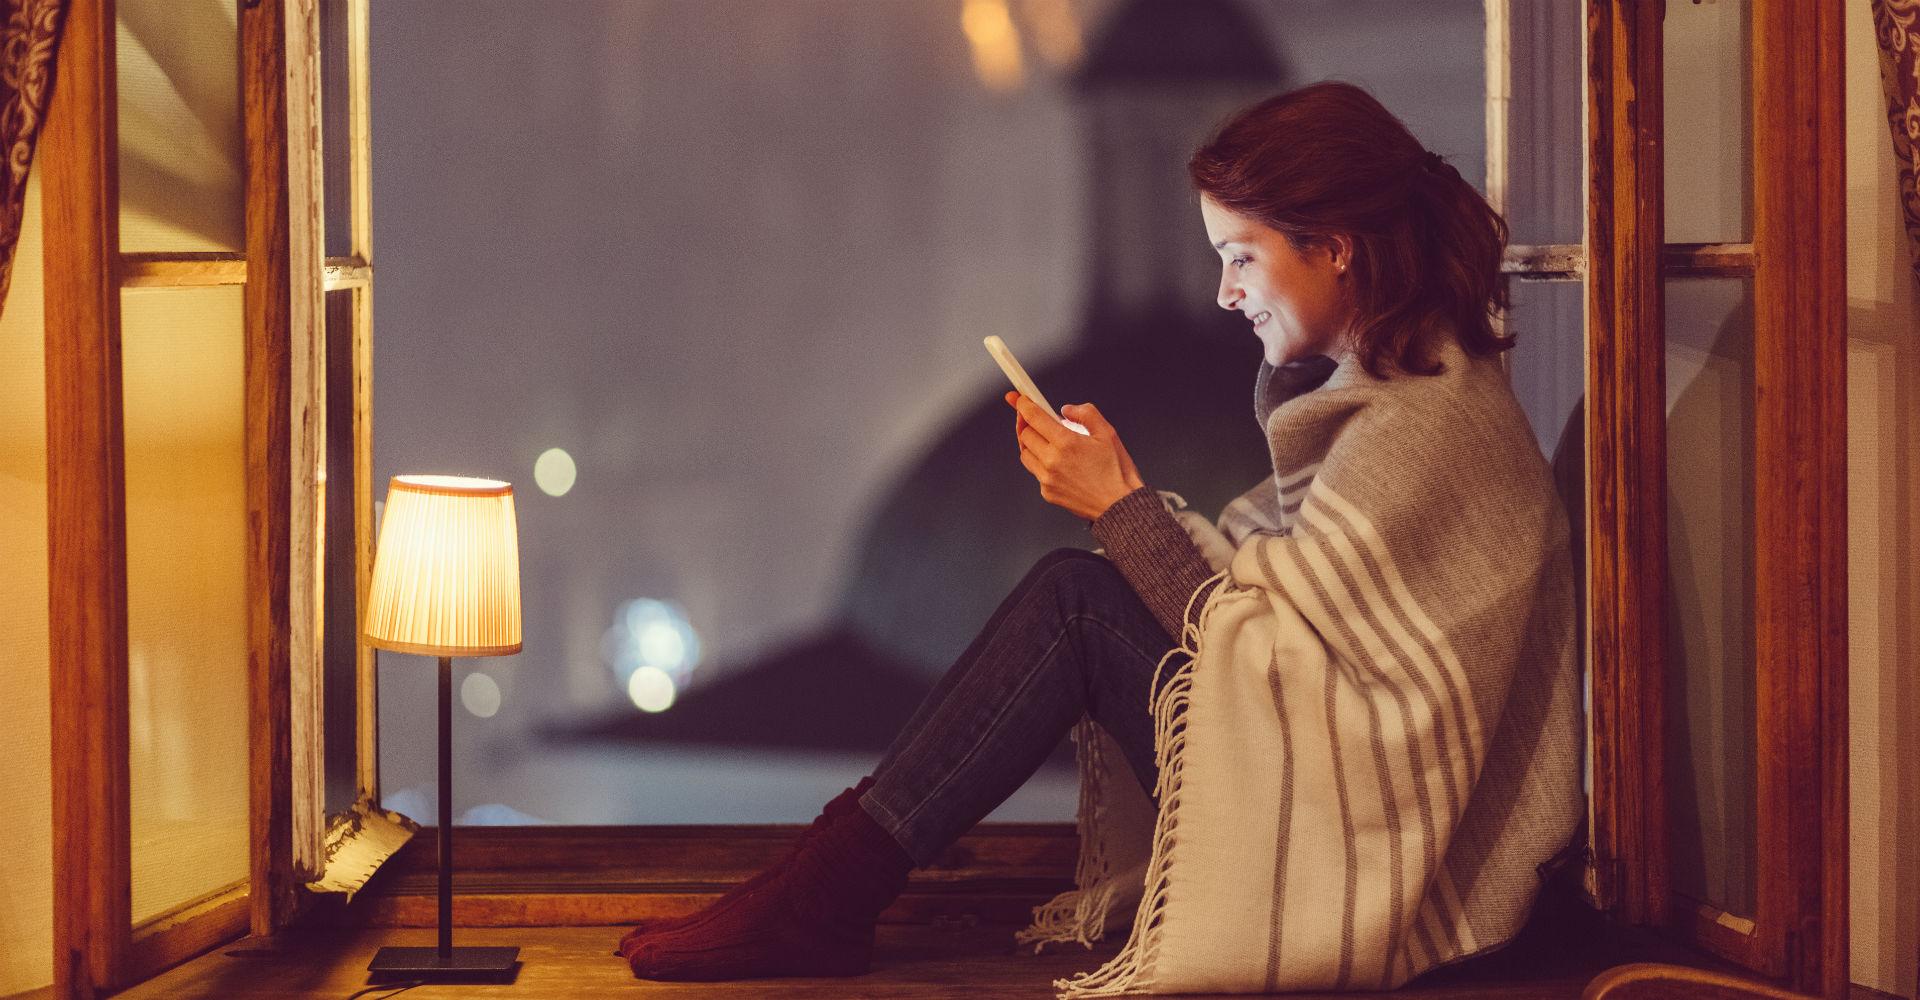 Junge Frau sitzt am Fenster mit ihrem Smartphone und schreibt eine Nachricht.